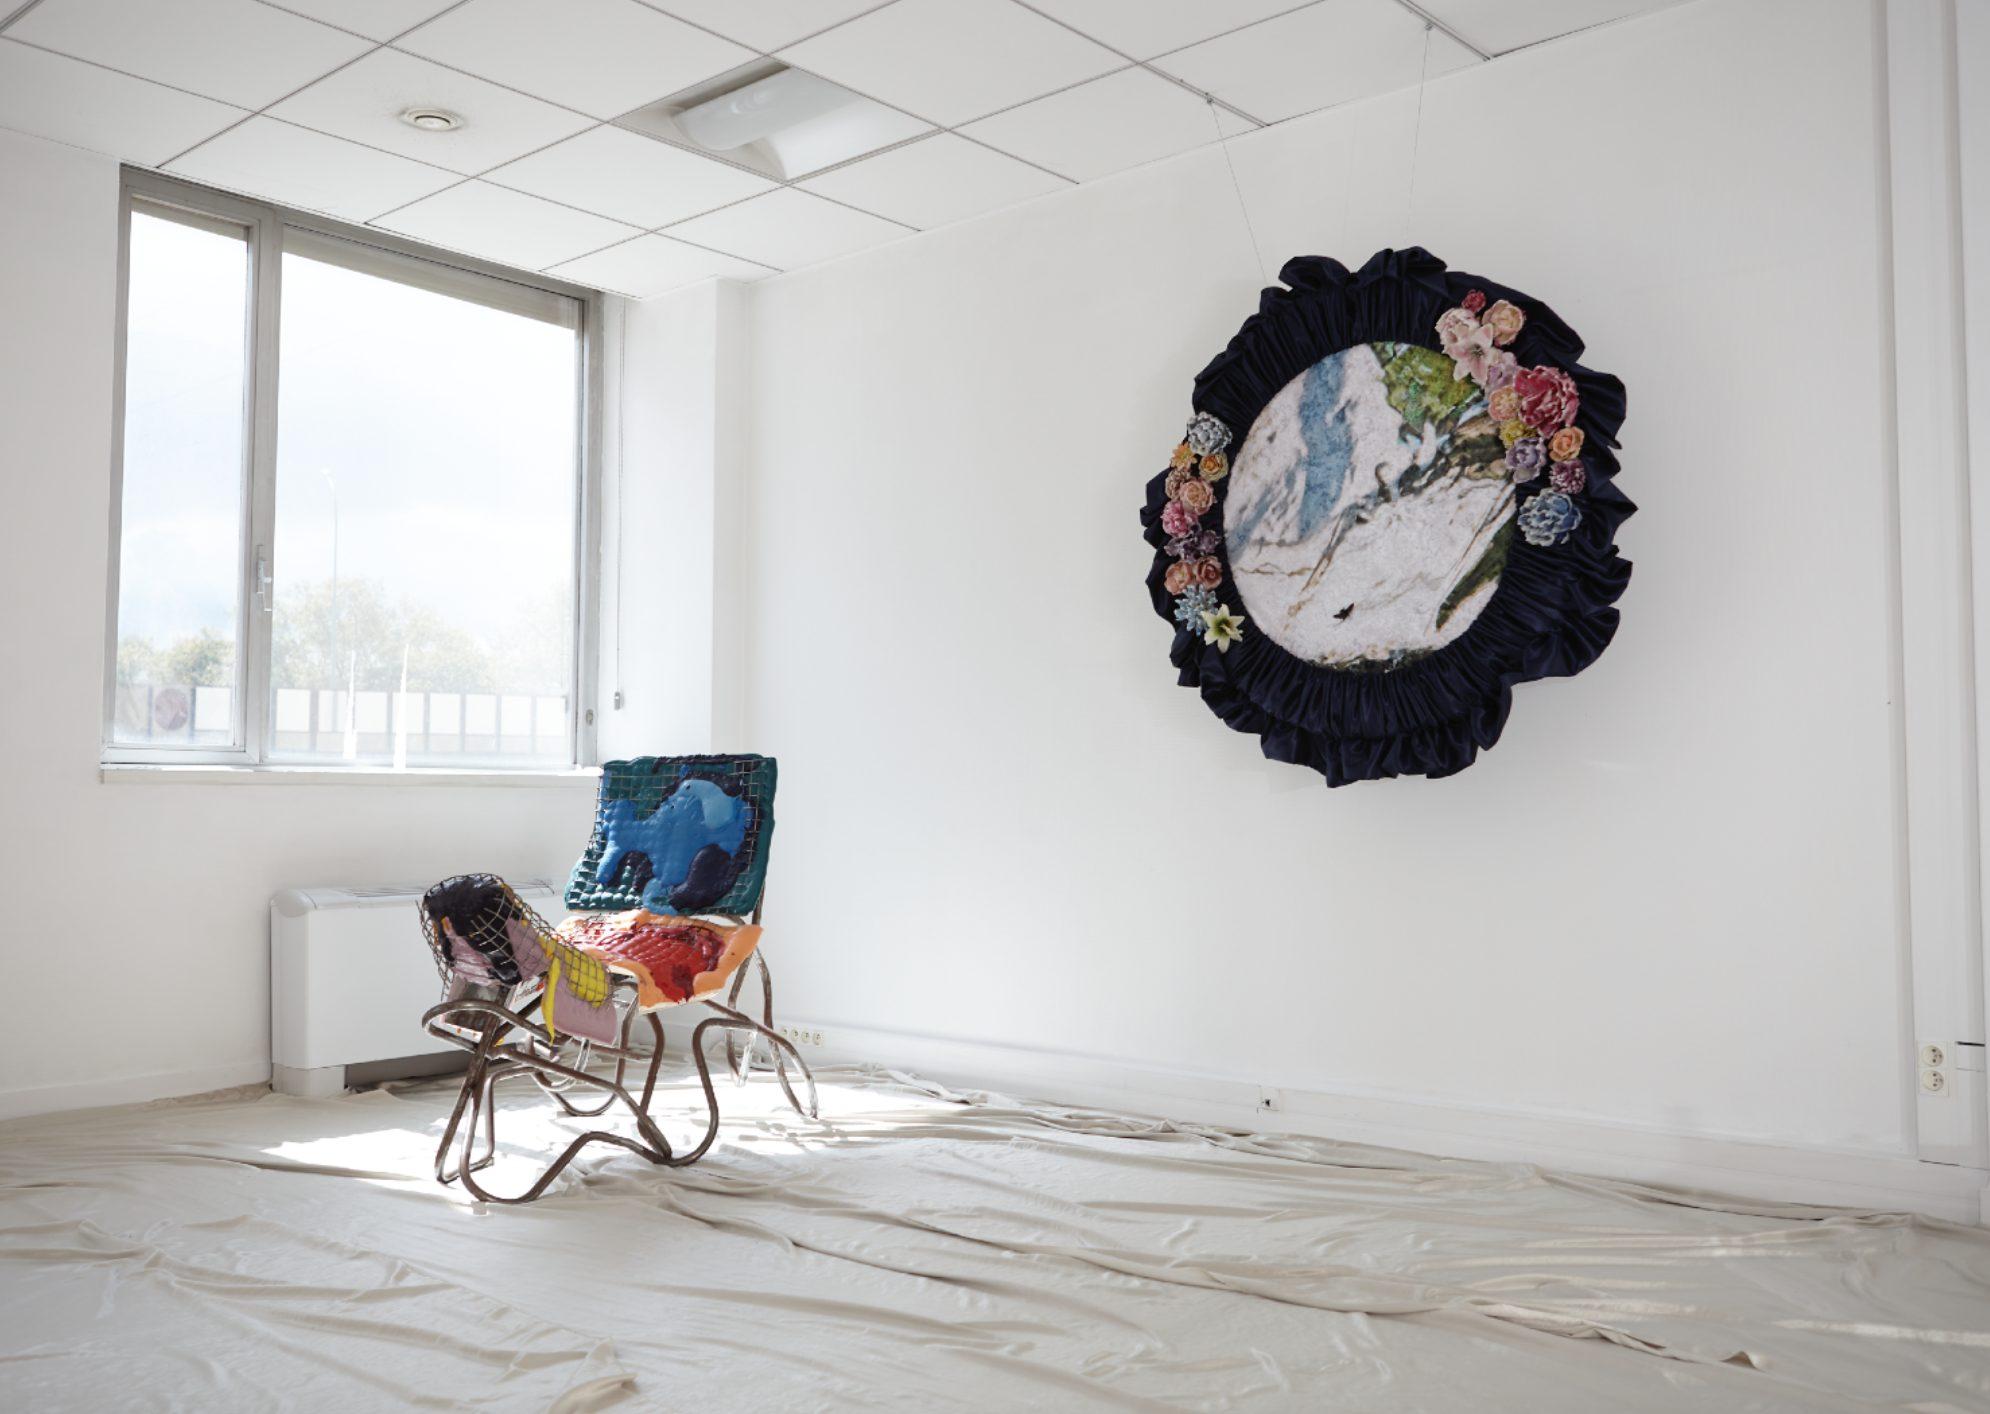 Plan d'une salle très lumineuse. Au mur, une peinture marbrée, encadrée par un tissus en velour bleu nuit parsemé de fleurs colorées. Au sol, une construction qui ressemble à une chaise est recouverte de tissus bariolés et gaufrés.